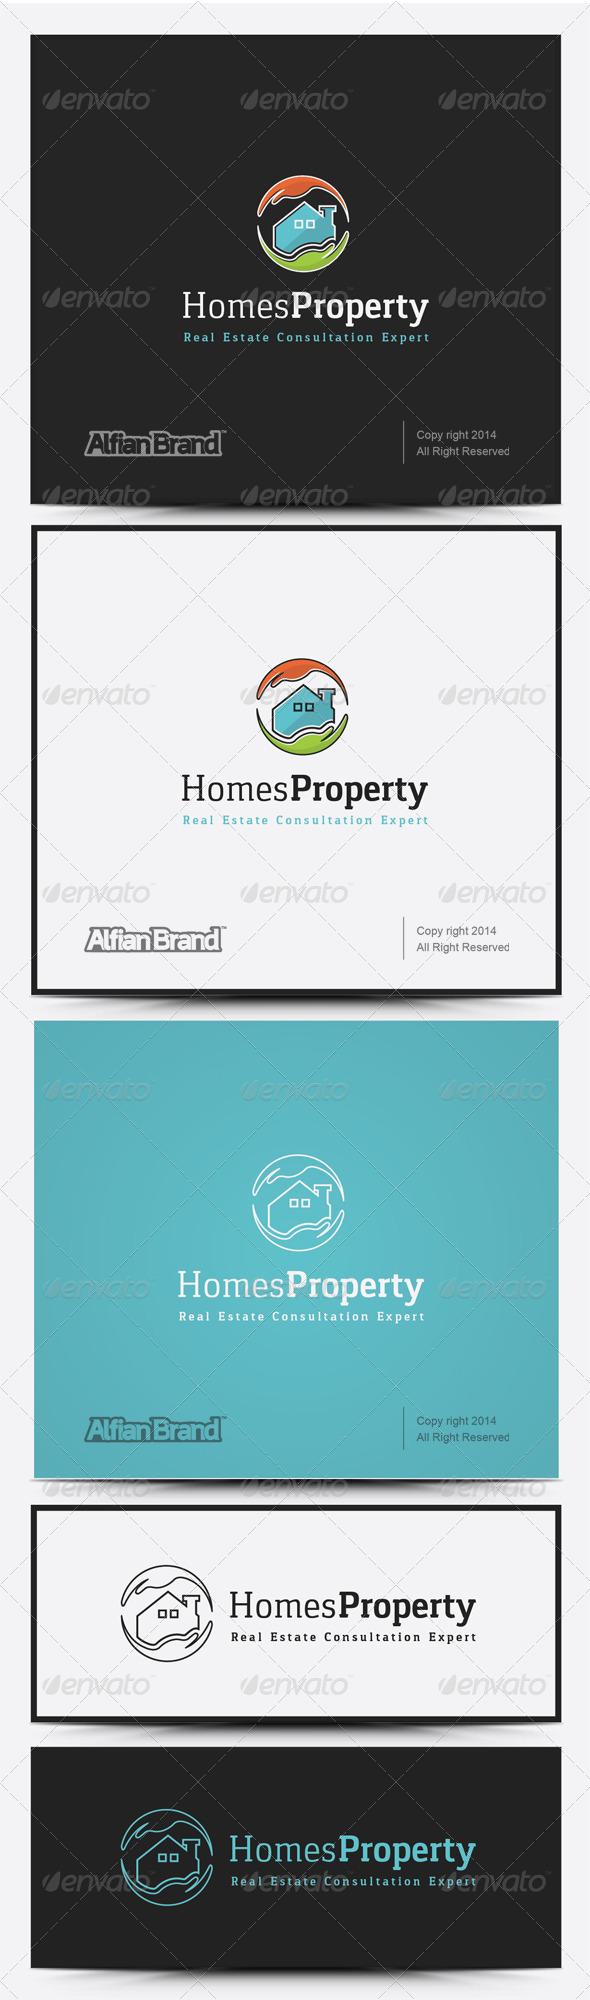 GraphicRiver Homes Property Logo 8258585